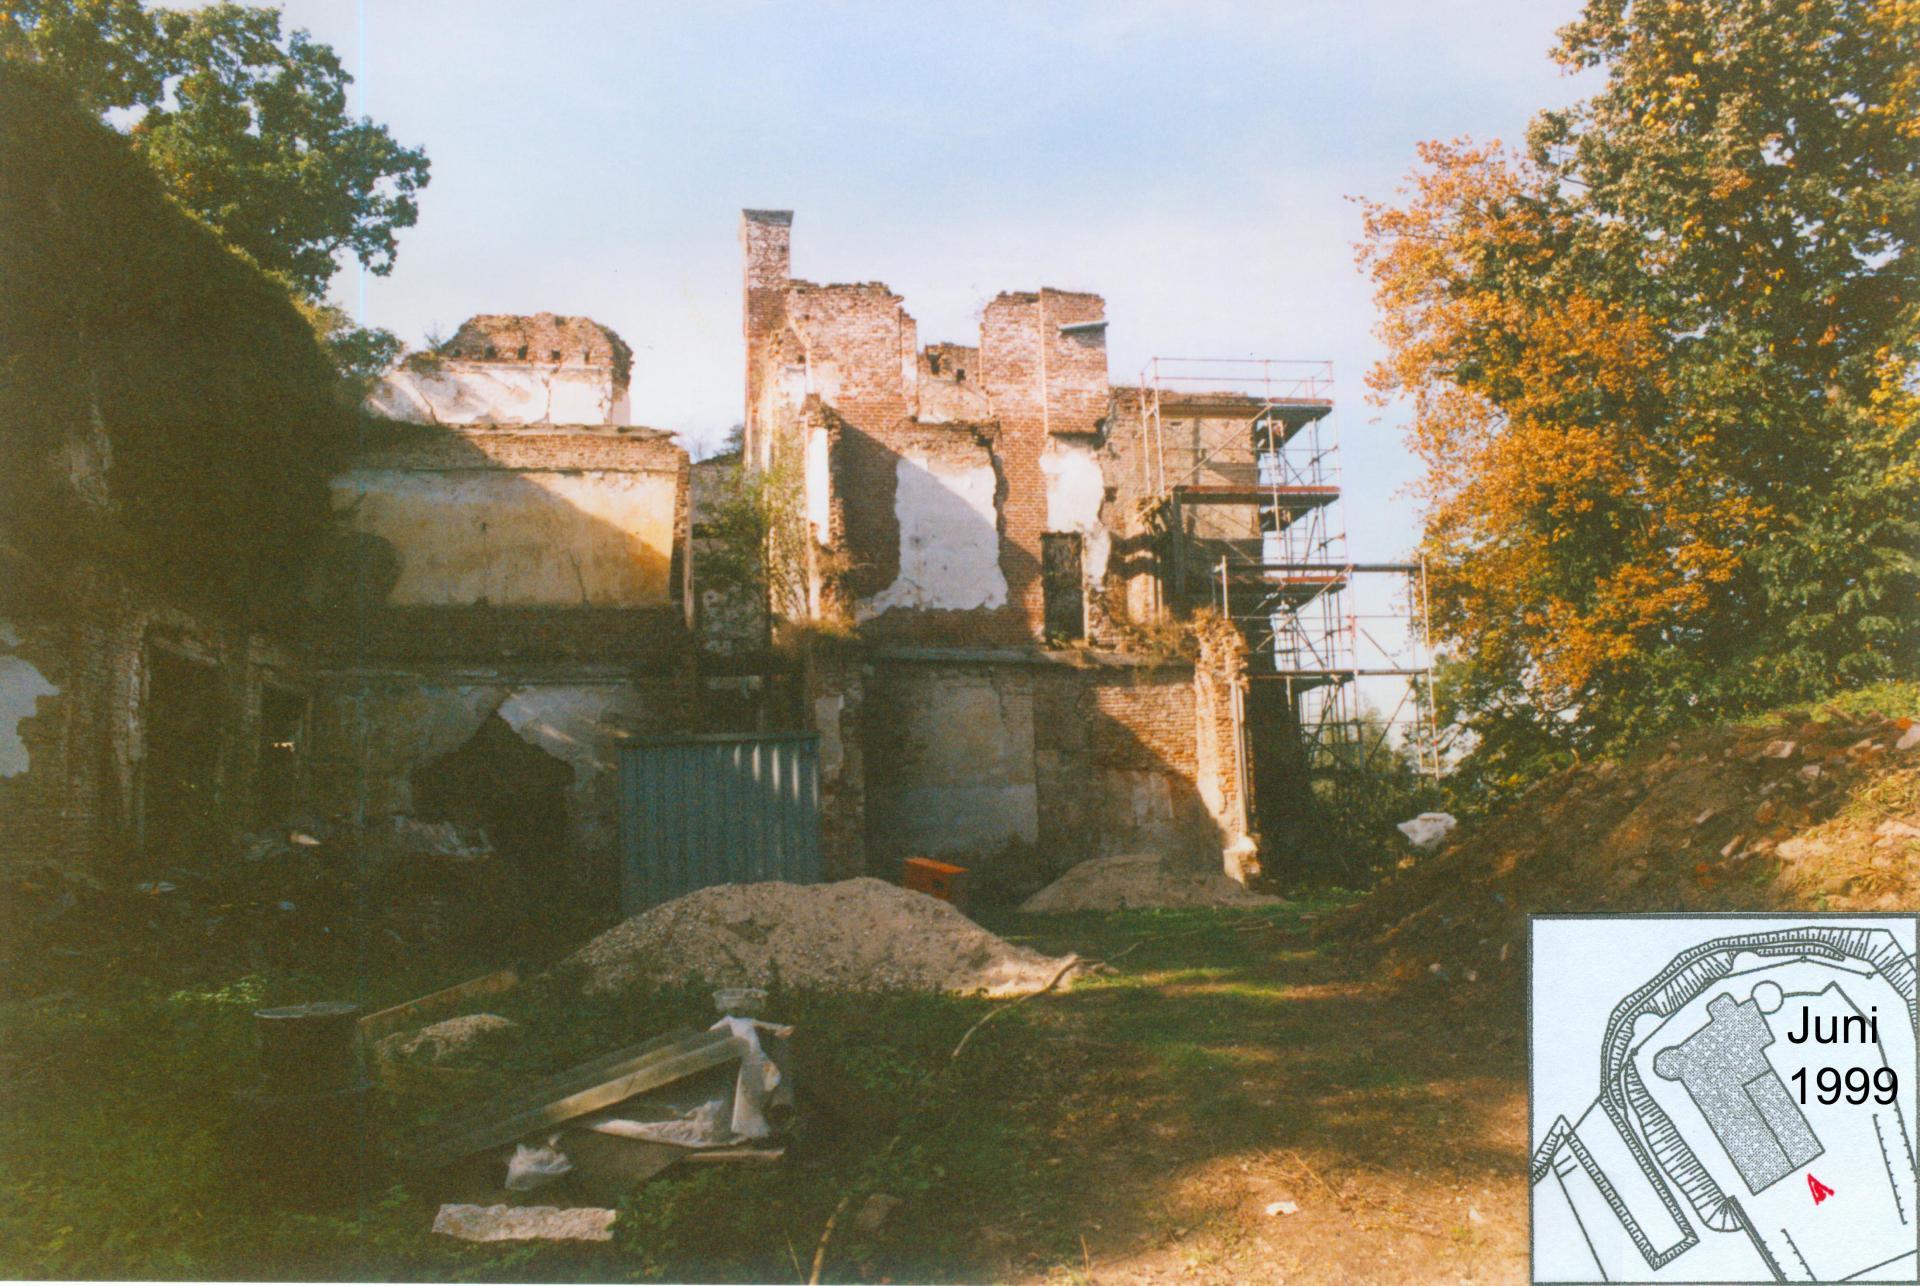 Foto 1995 von Südosten - Totalruine